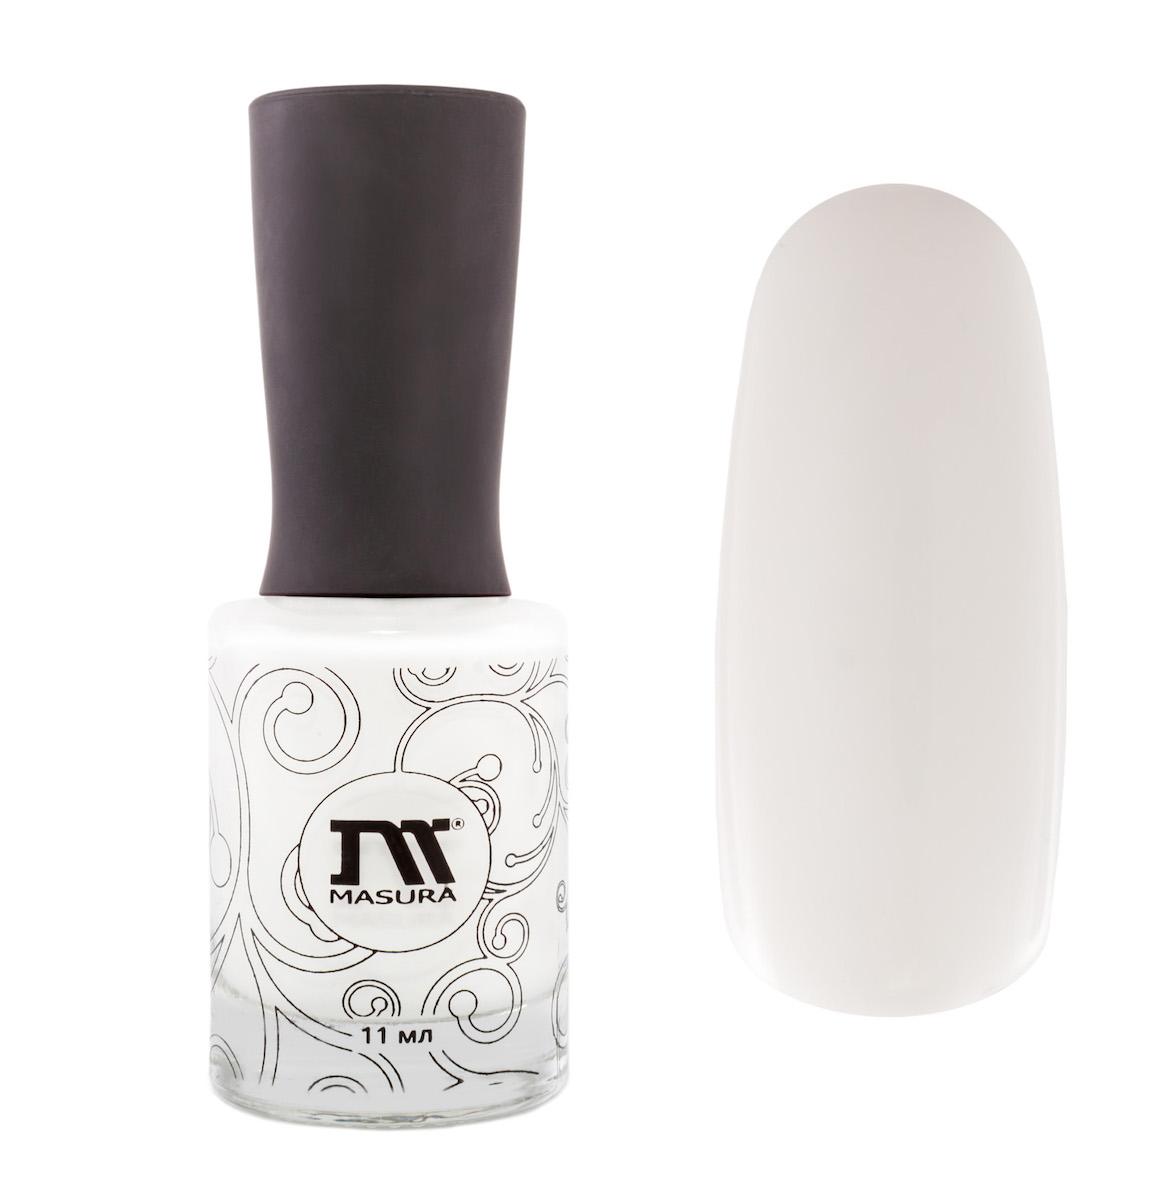 Masura Лак для ногтей Белый Танец, 11 мл28032022Кипельно-белый, для французского маникюра.